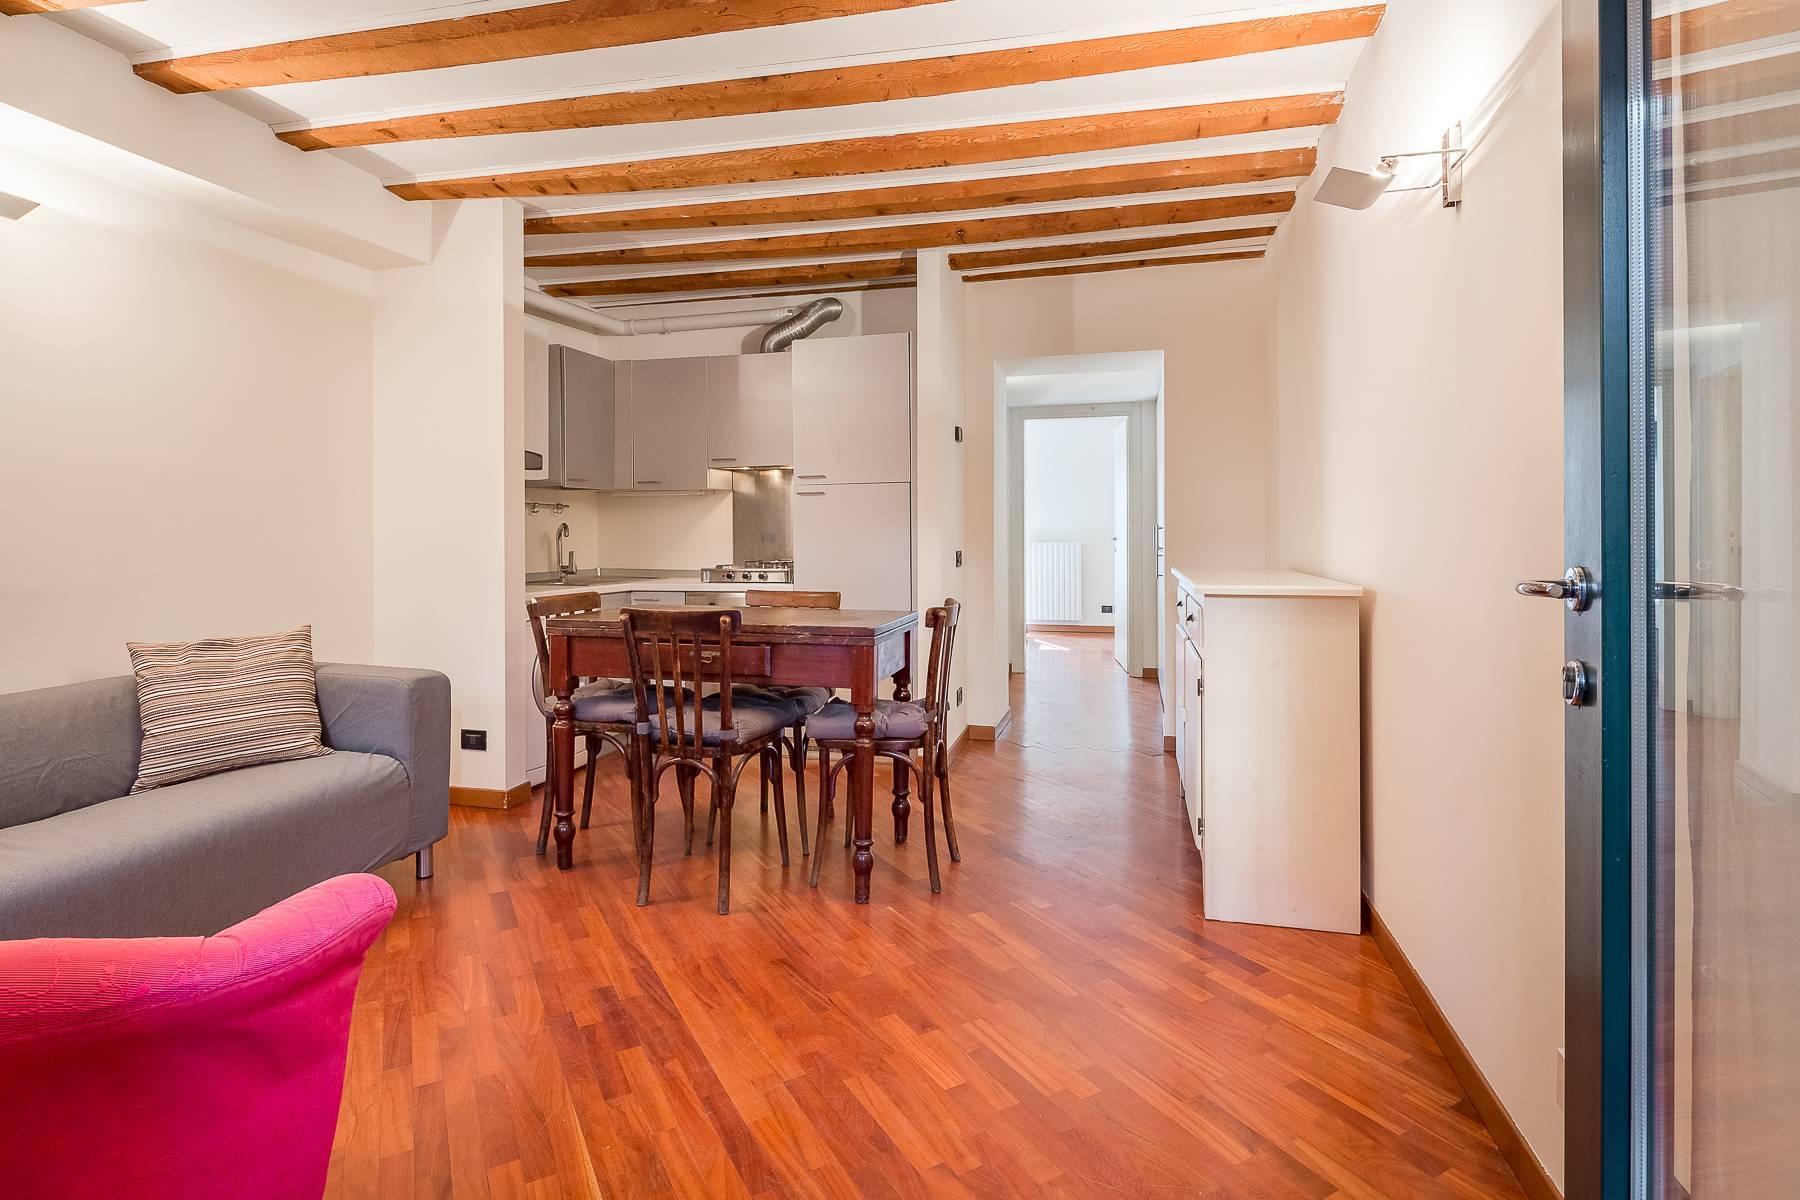 Renovierte Zwei-zimmer wohnung im Stadtviertel Navigli - 2